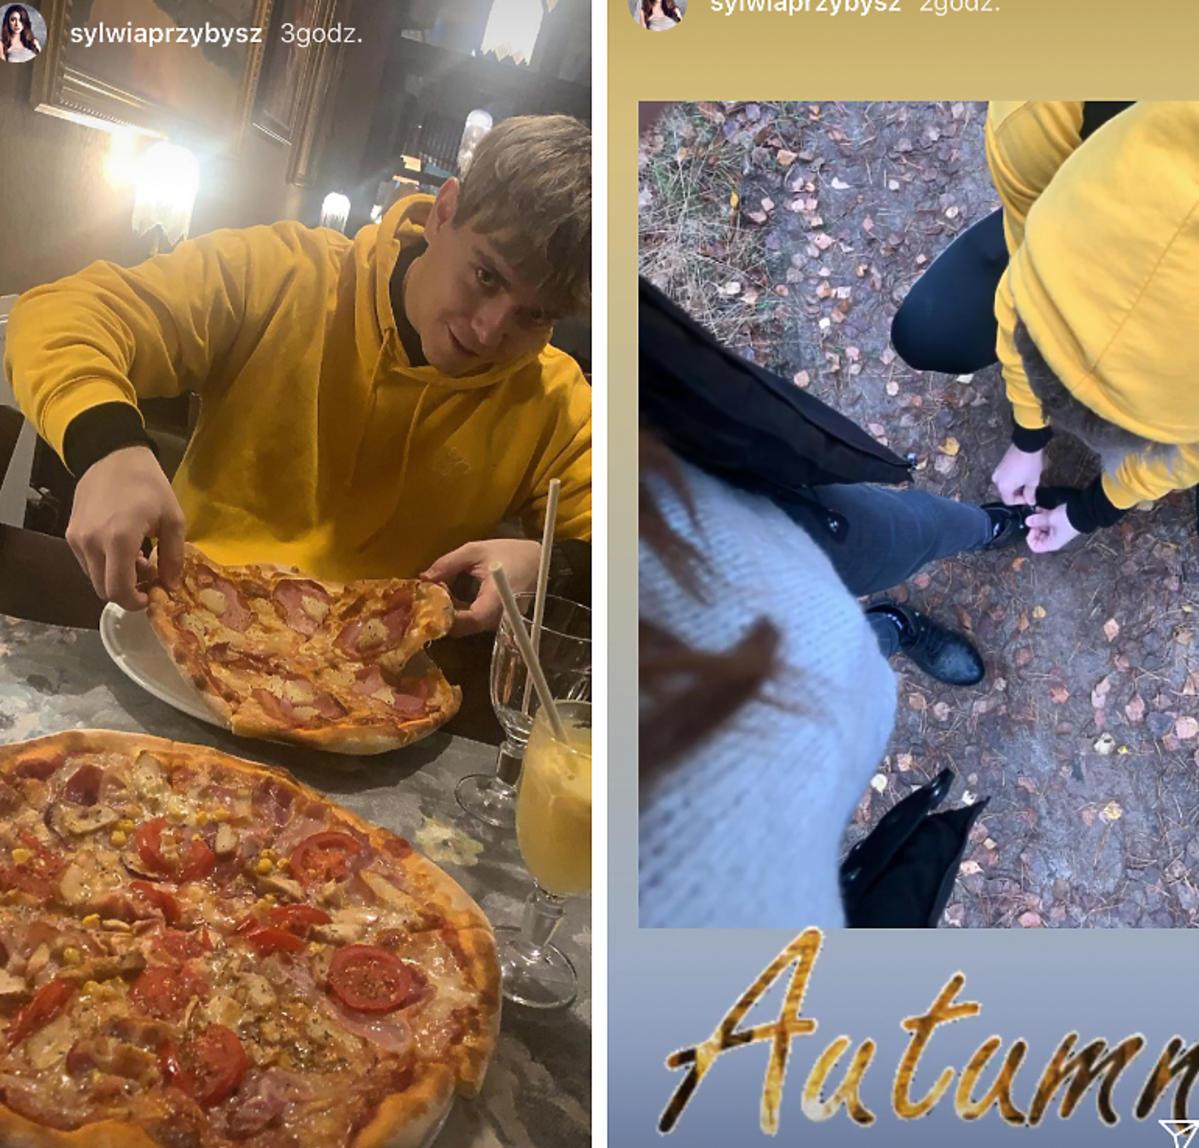 Sylwia Przybysz na pizzy